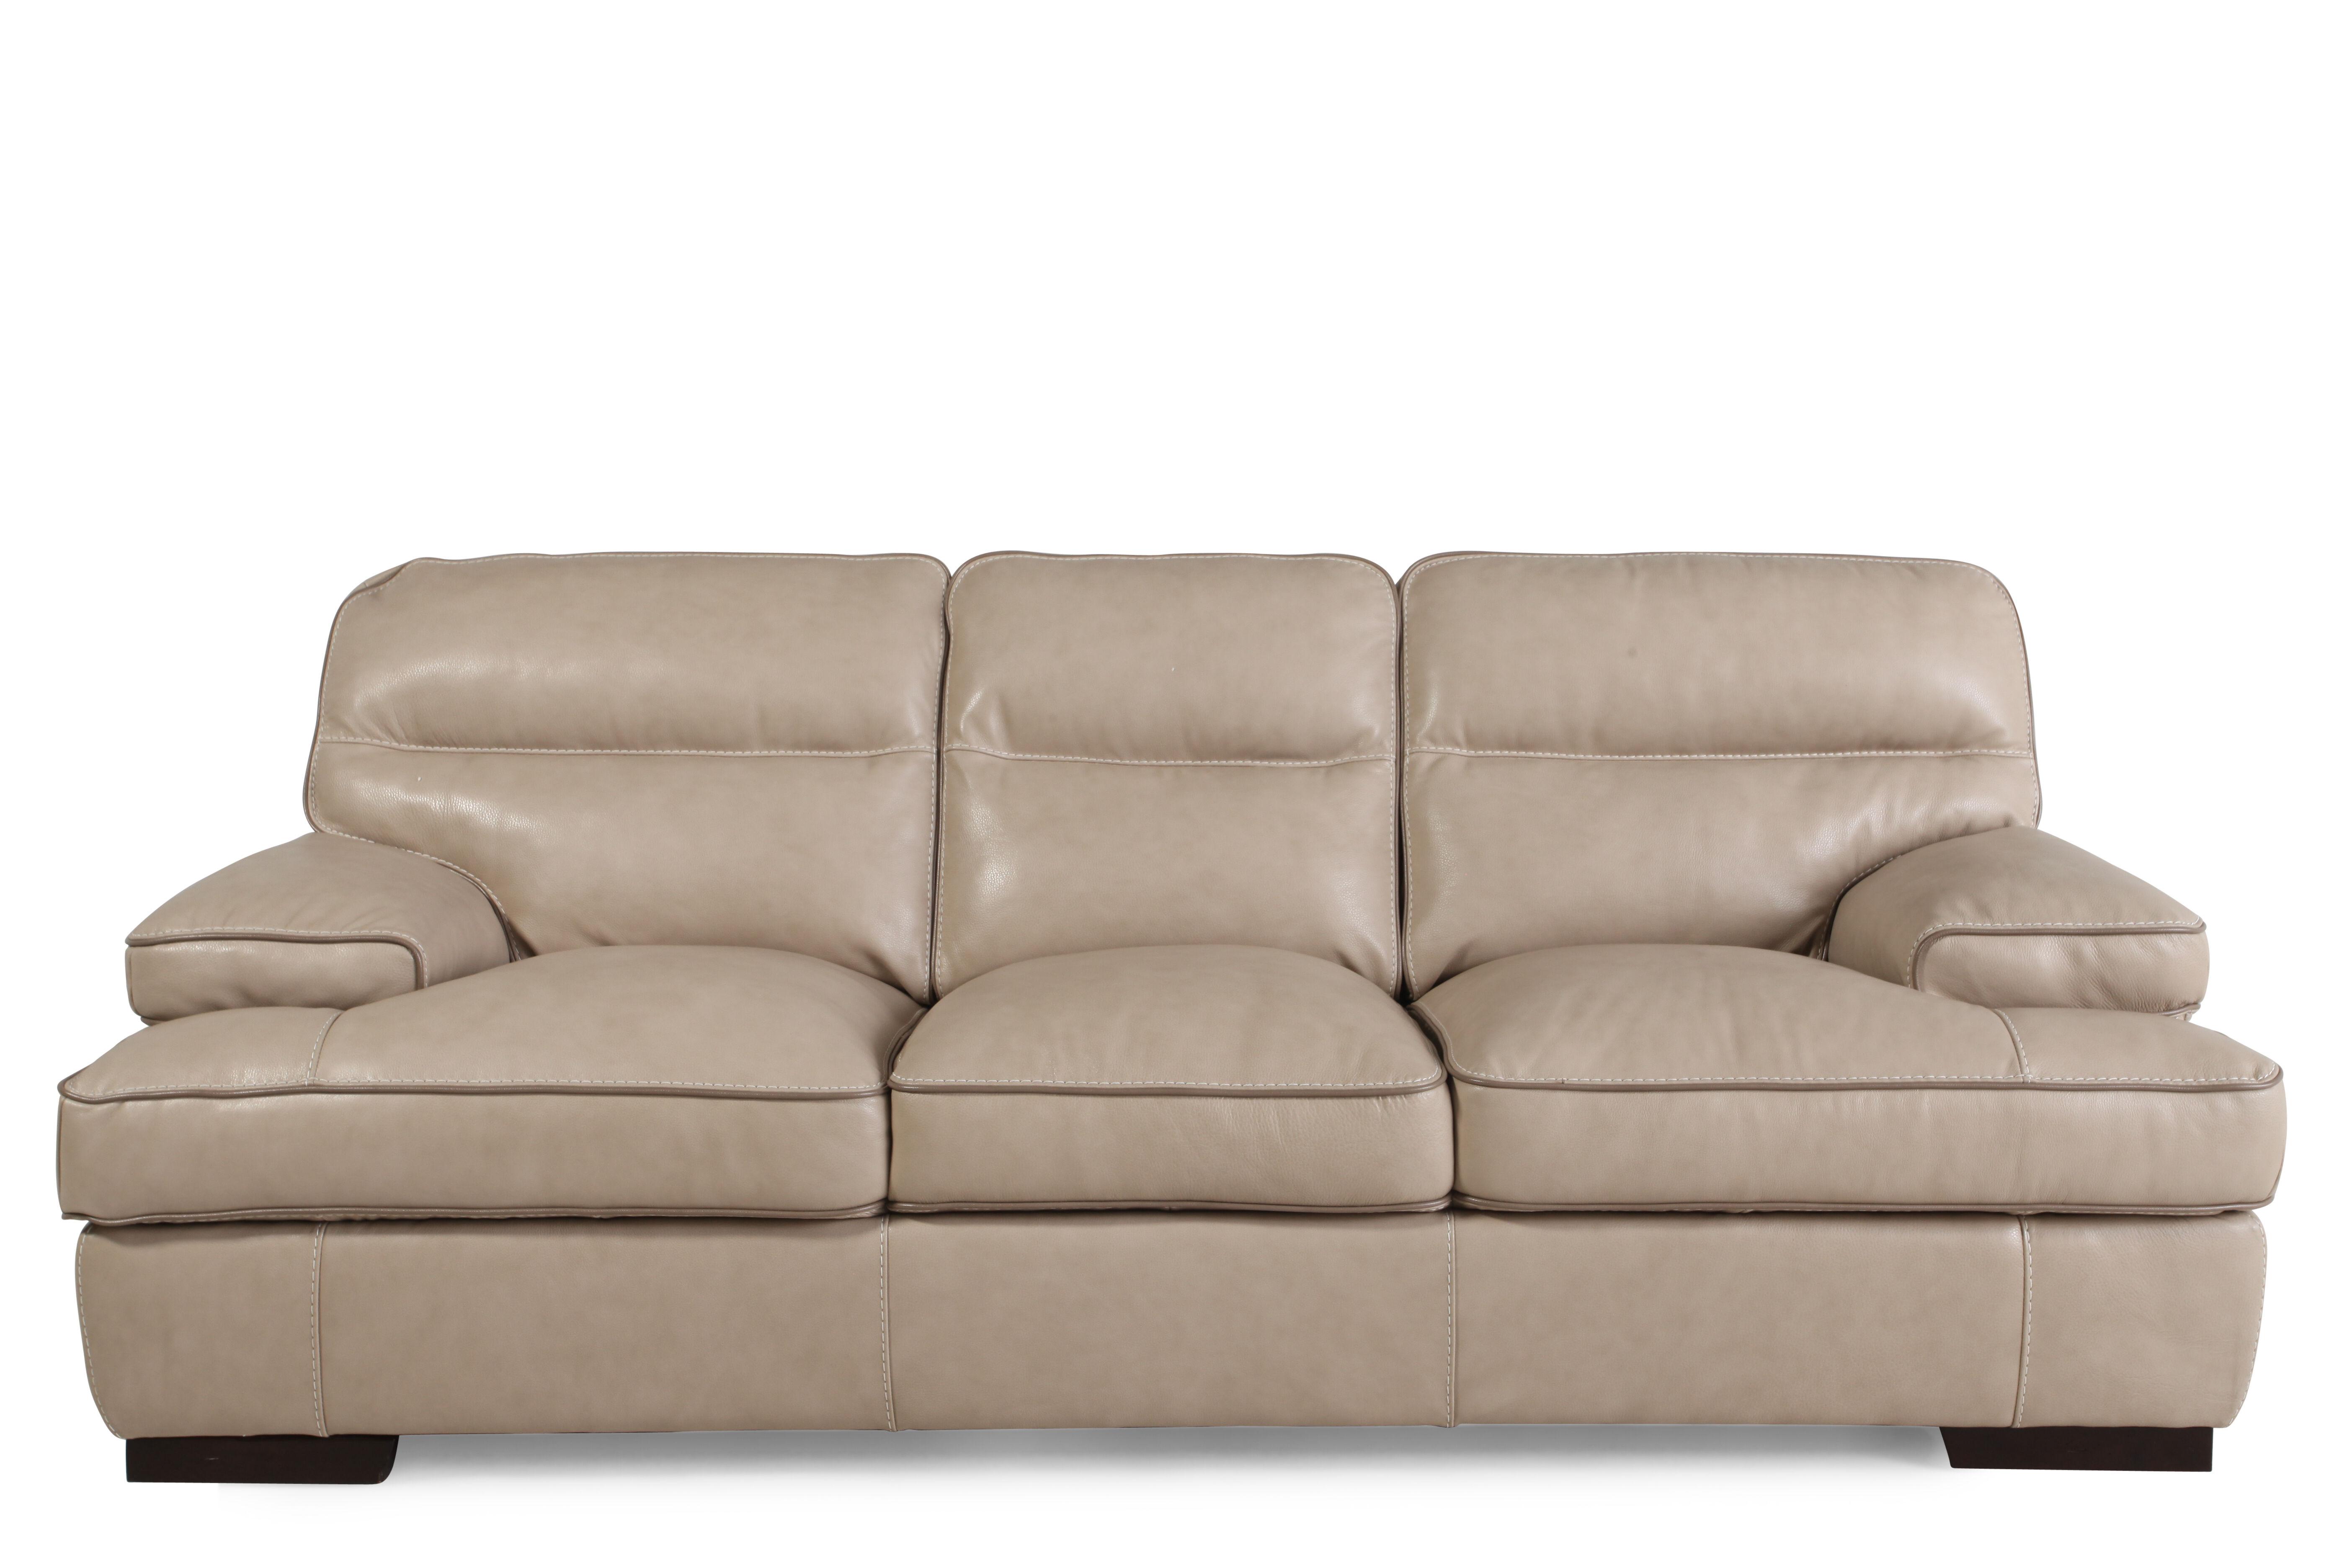 399 sofa – Home Decor 88